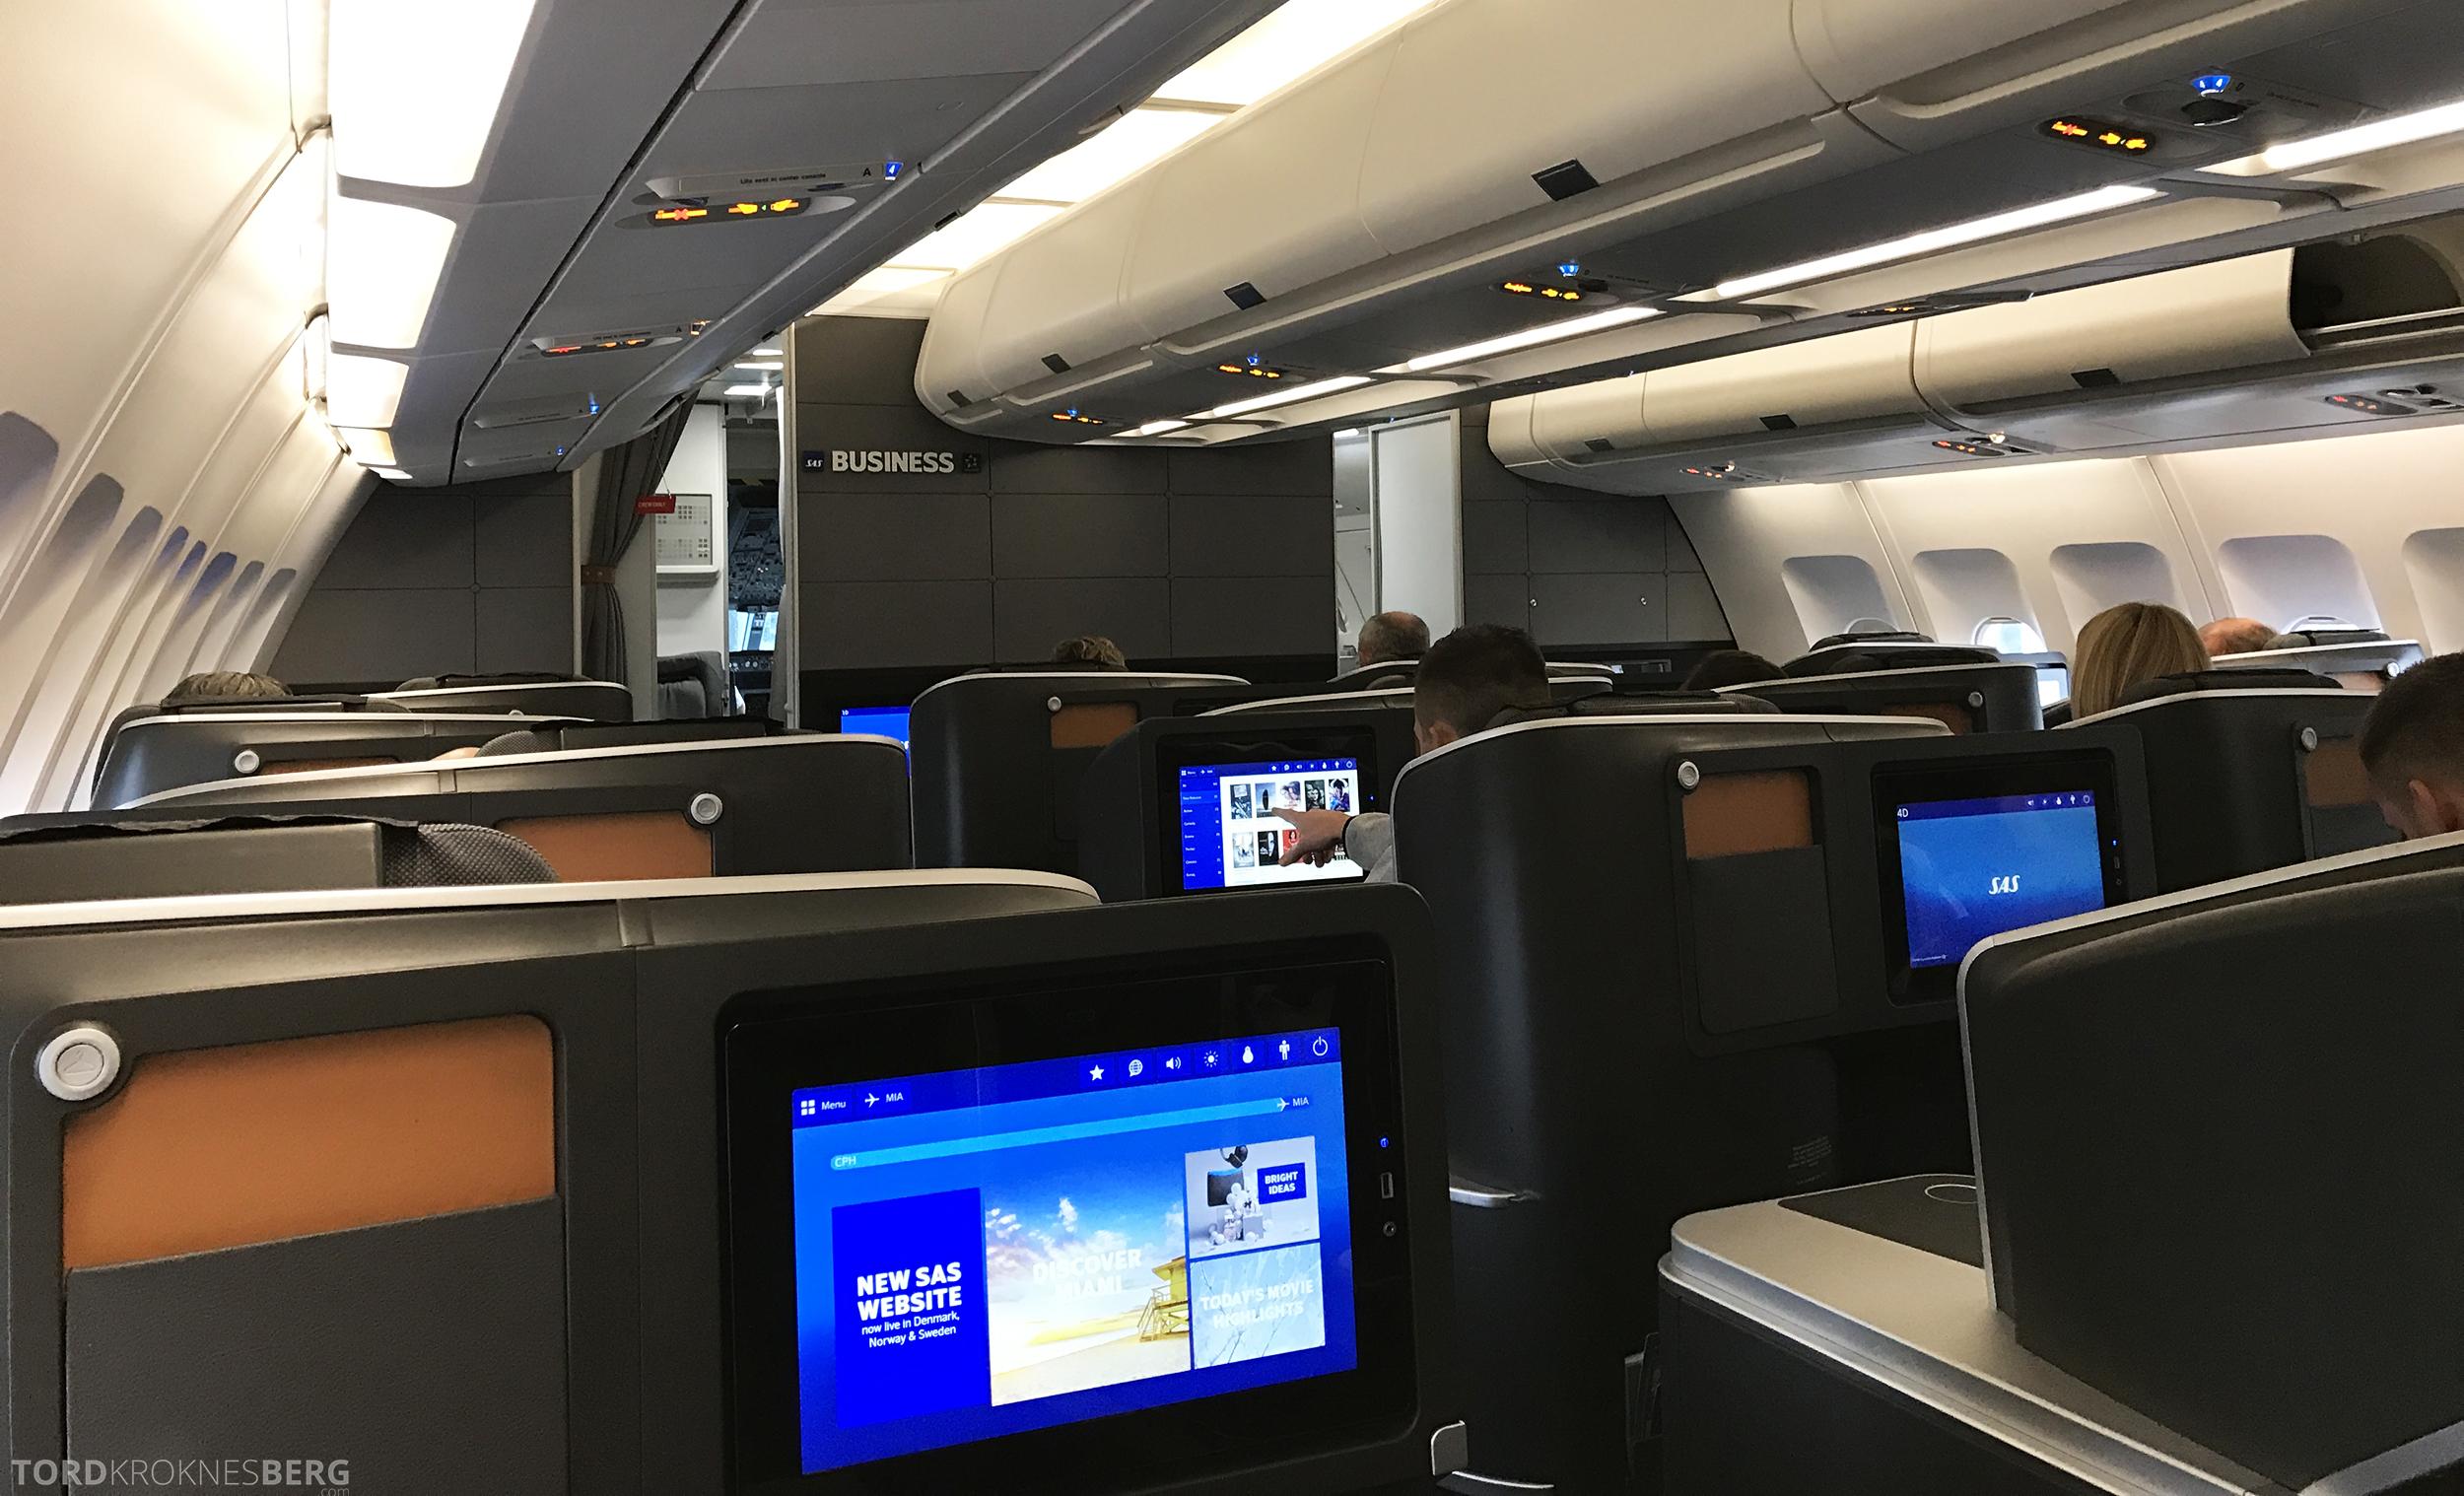 SAS Business Oslo til Miami kabin